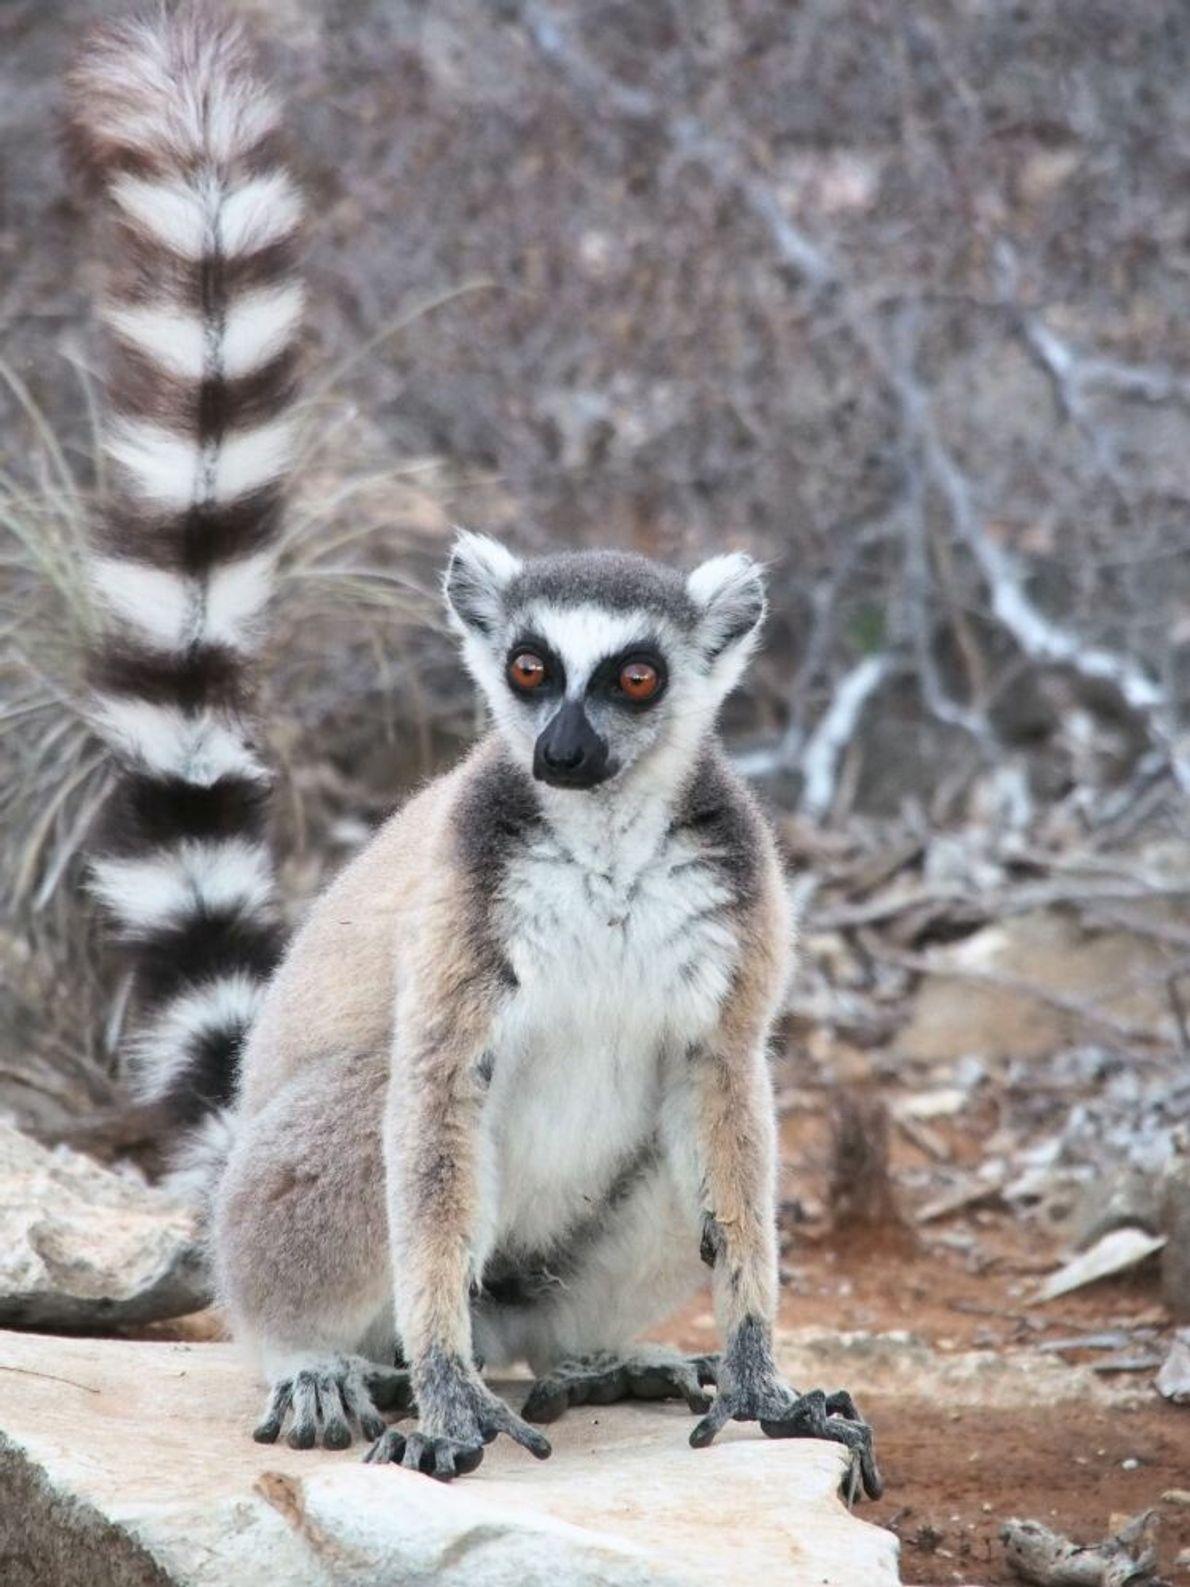 VERLIERER | Lemuren: Madagaskars charakteristische Affen sind in großer Gefahr. Ihre Wälder werden gerodet und in ...